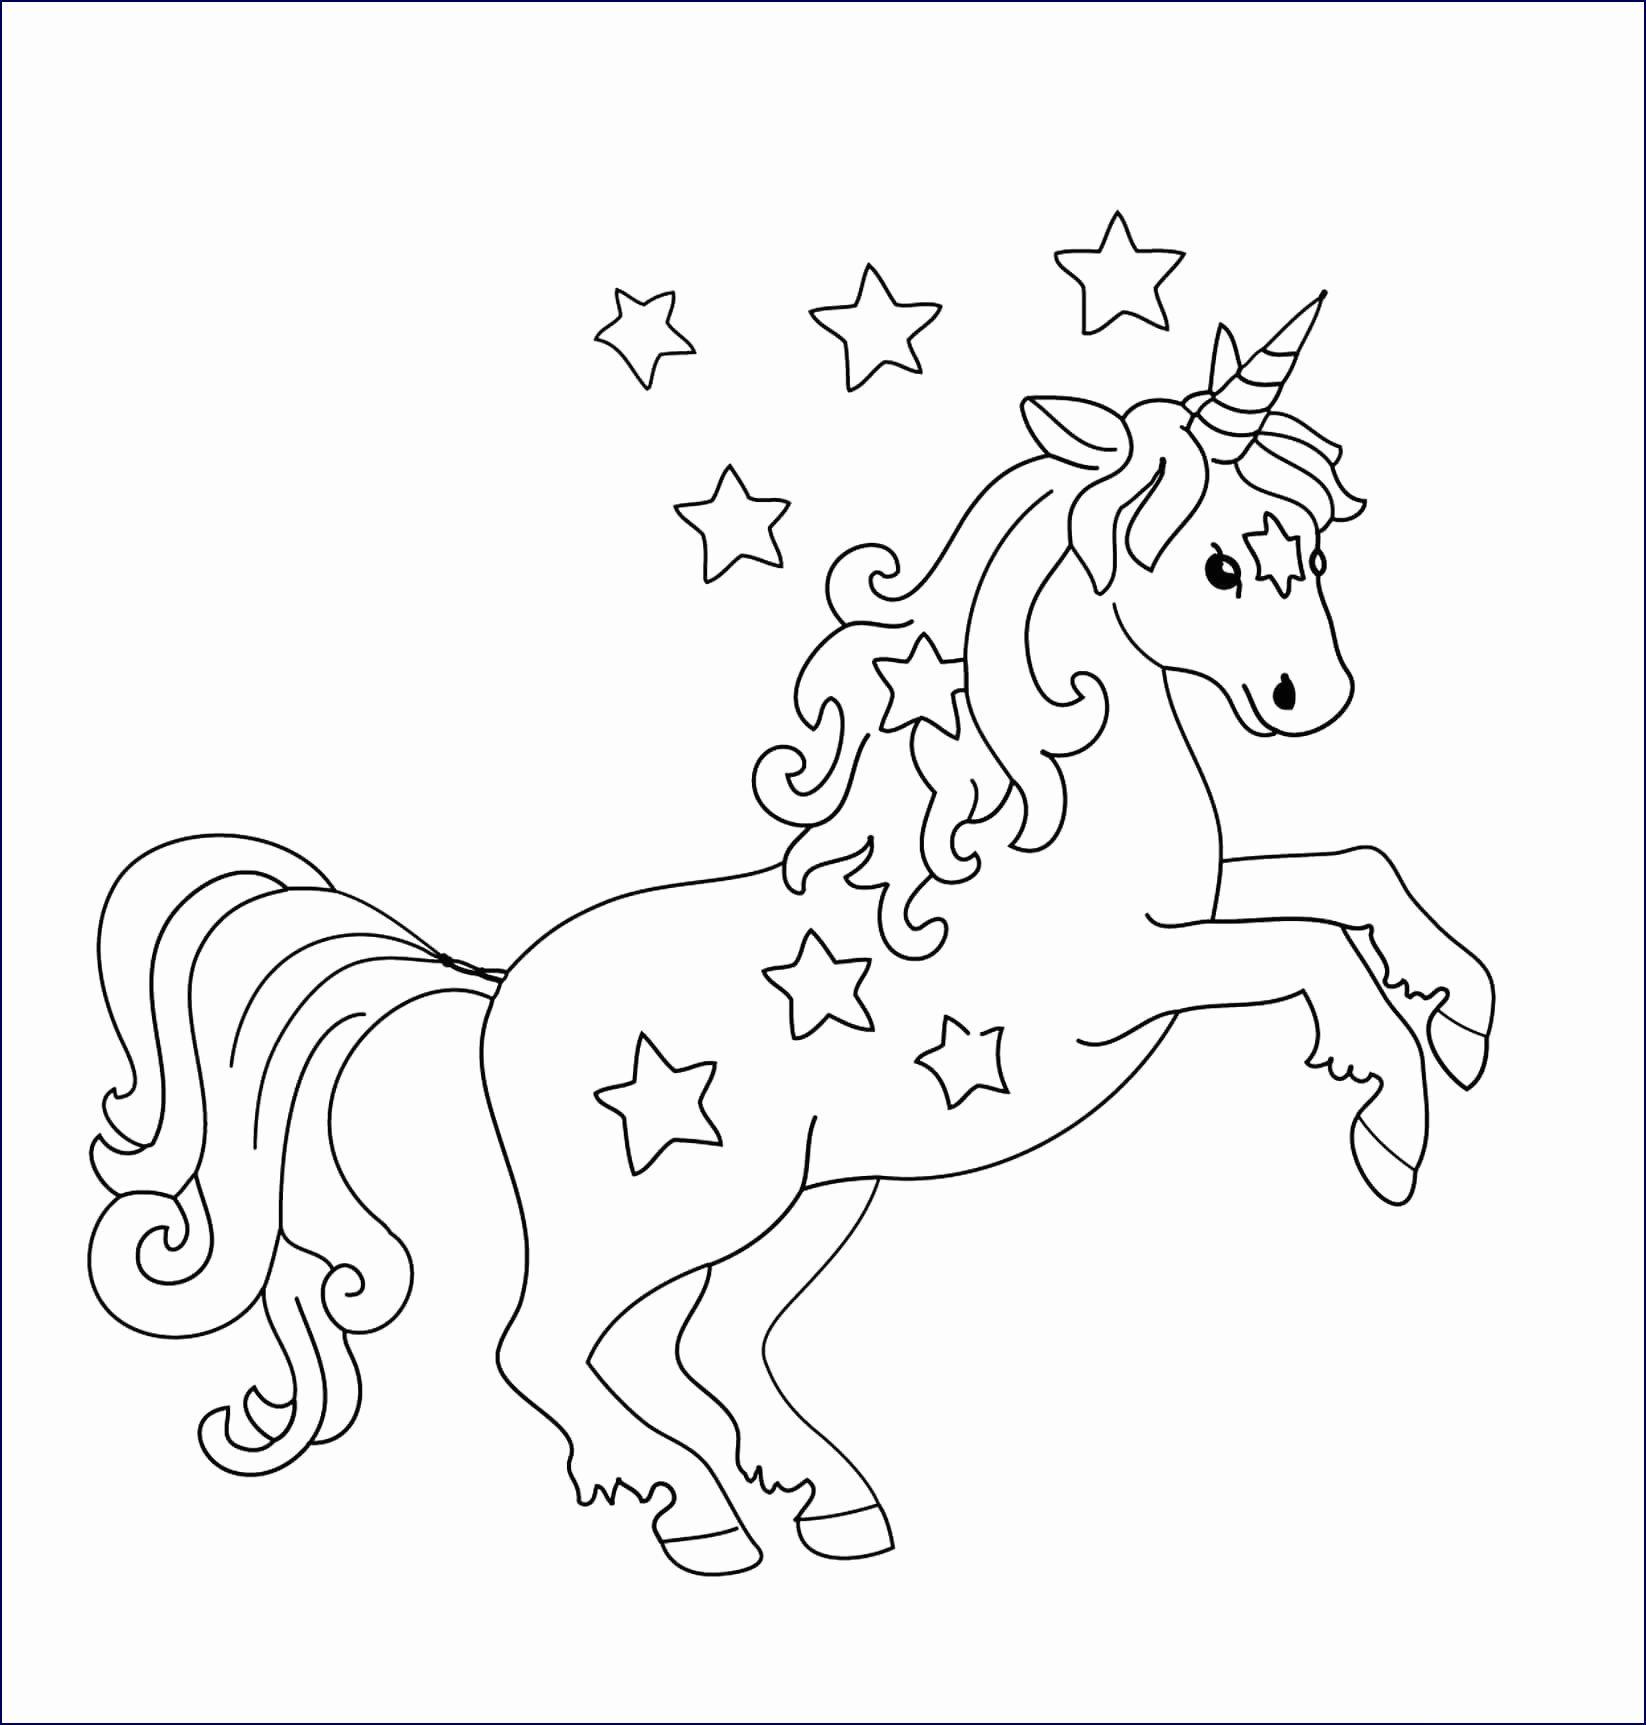 Pferdebilder Zum Ausdrucken Gratis Schön Schön Ausmalbilder Pferde